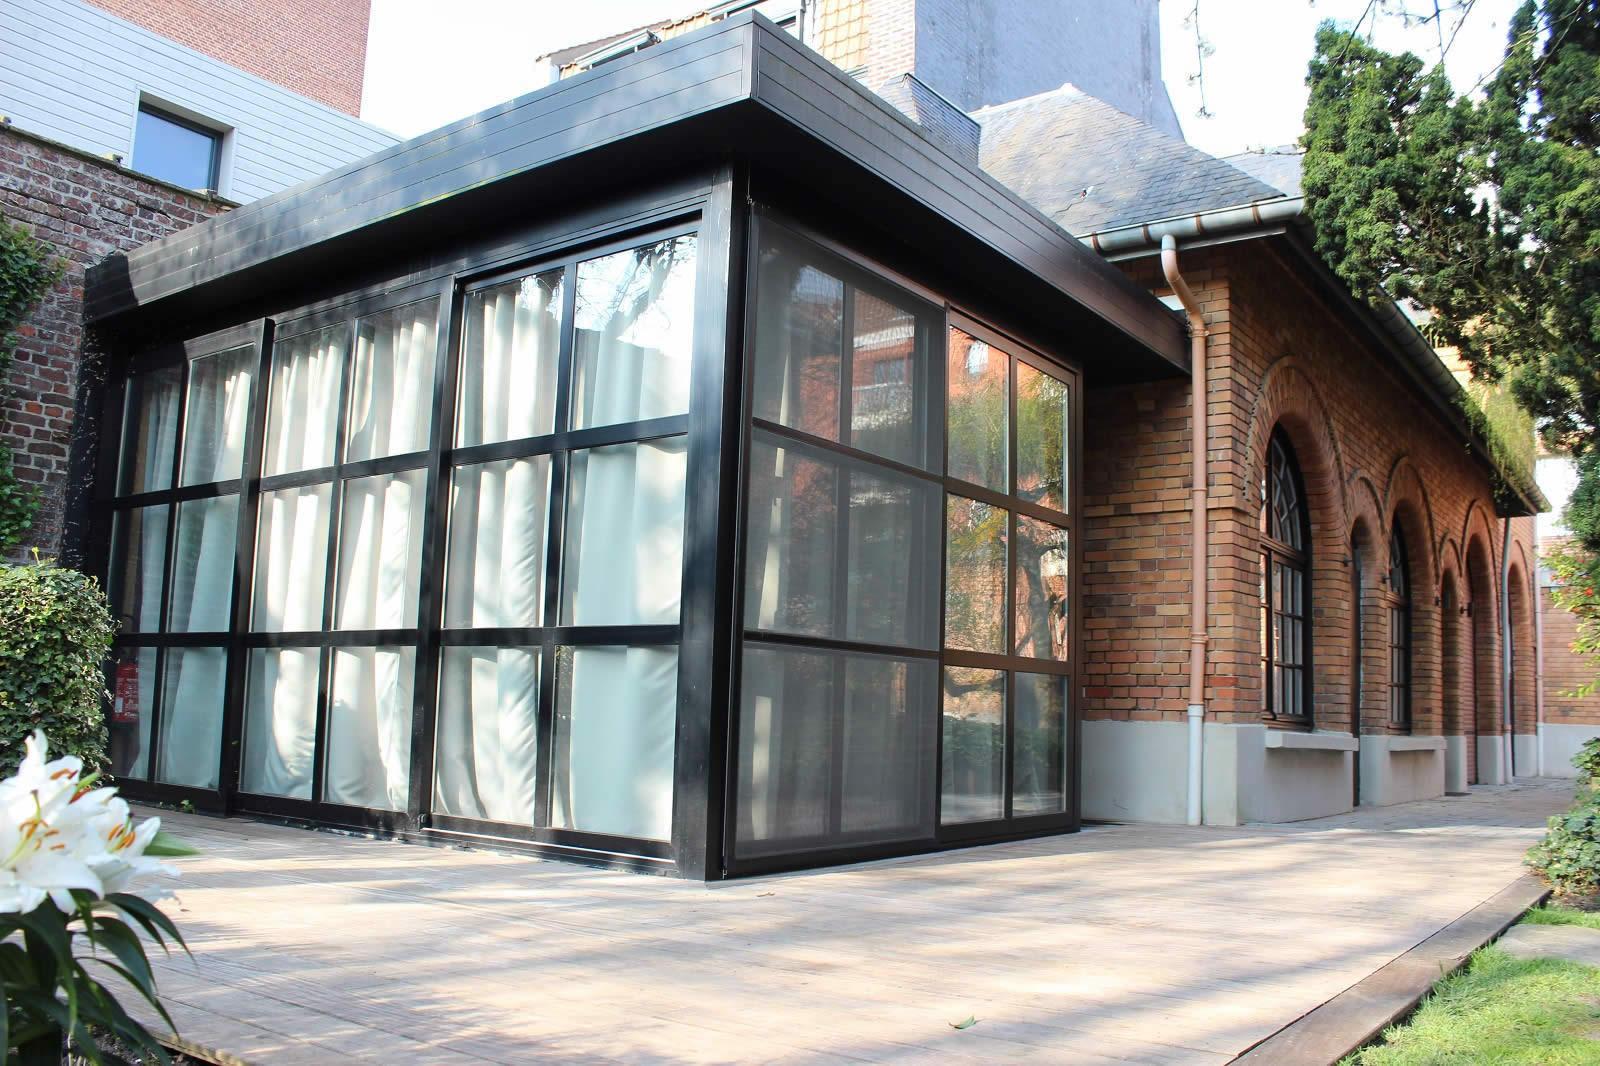 Maison d 39 h te de luxe vendre lille 10 chambres - Chambre d hote vieux lille ...